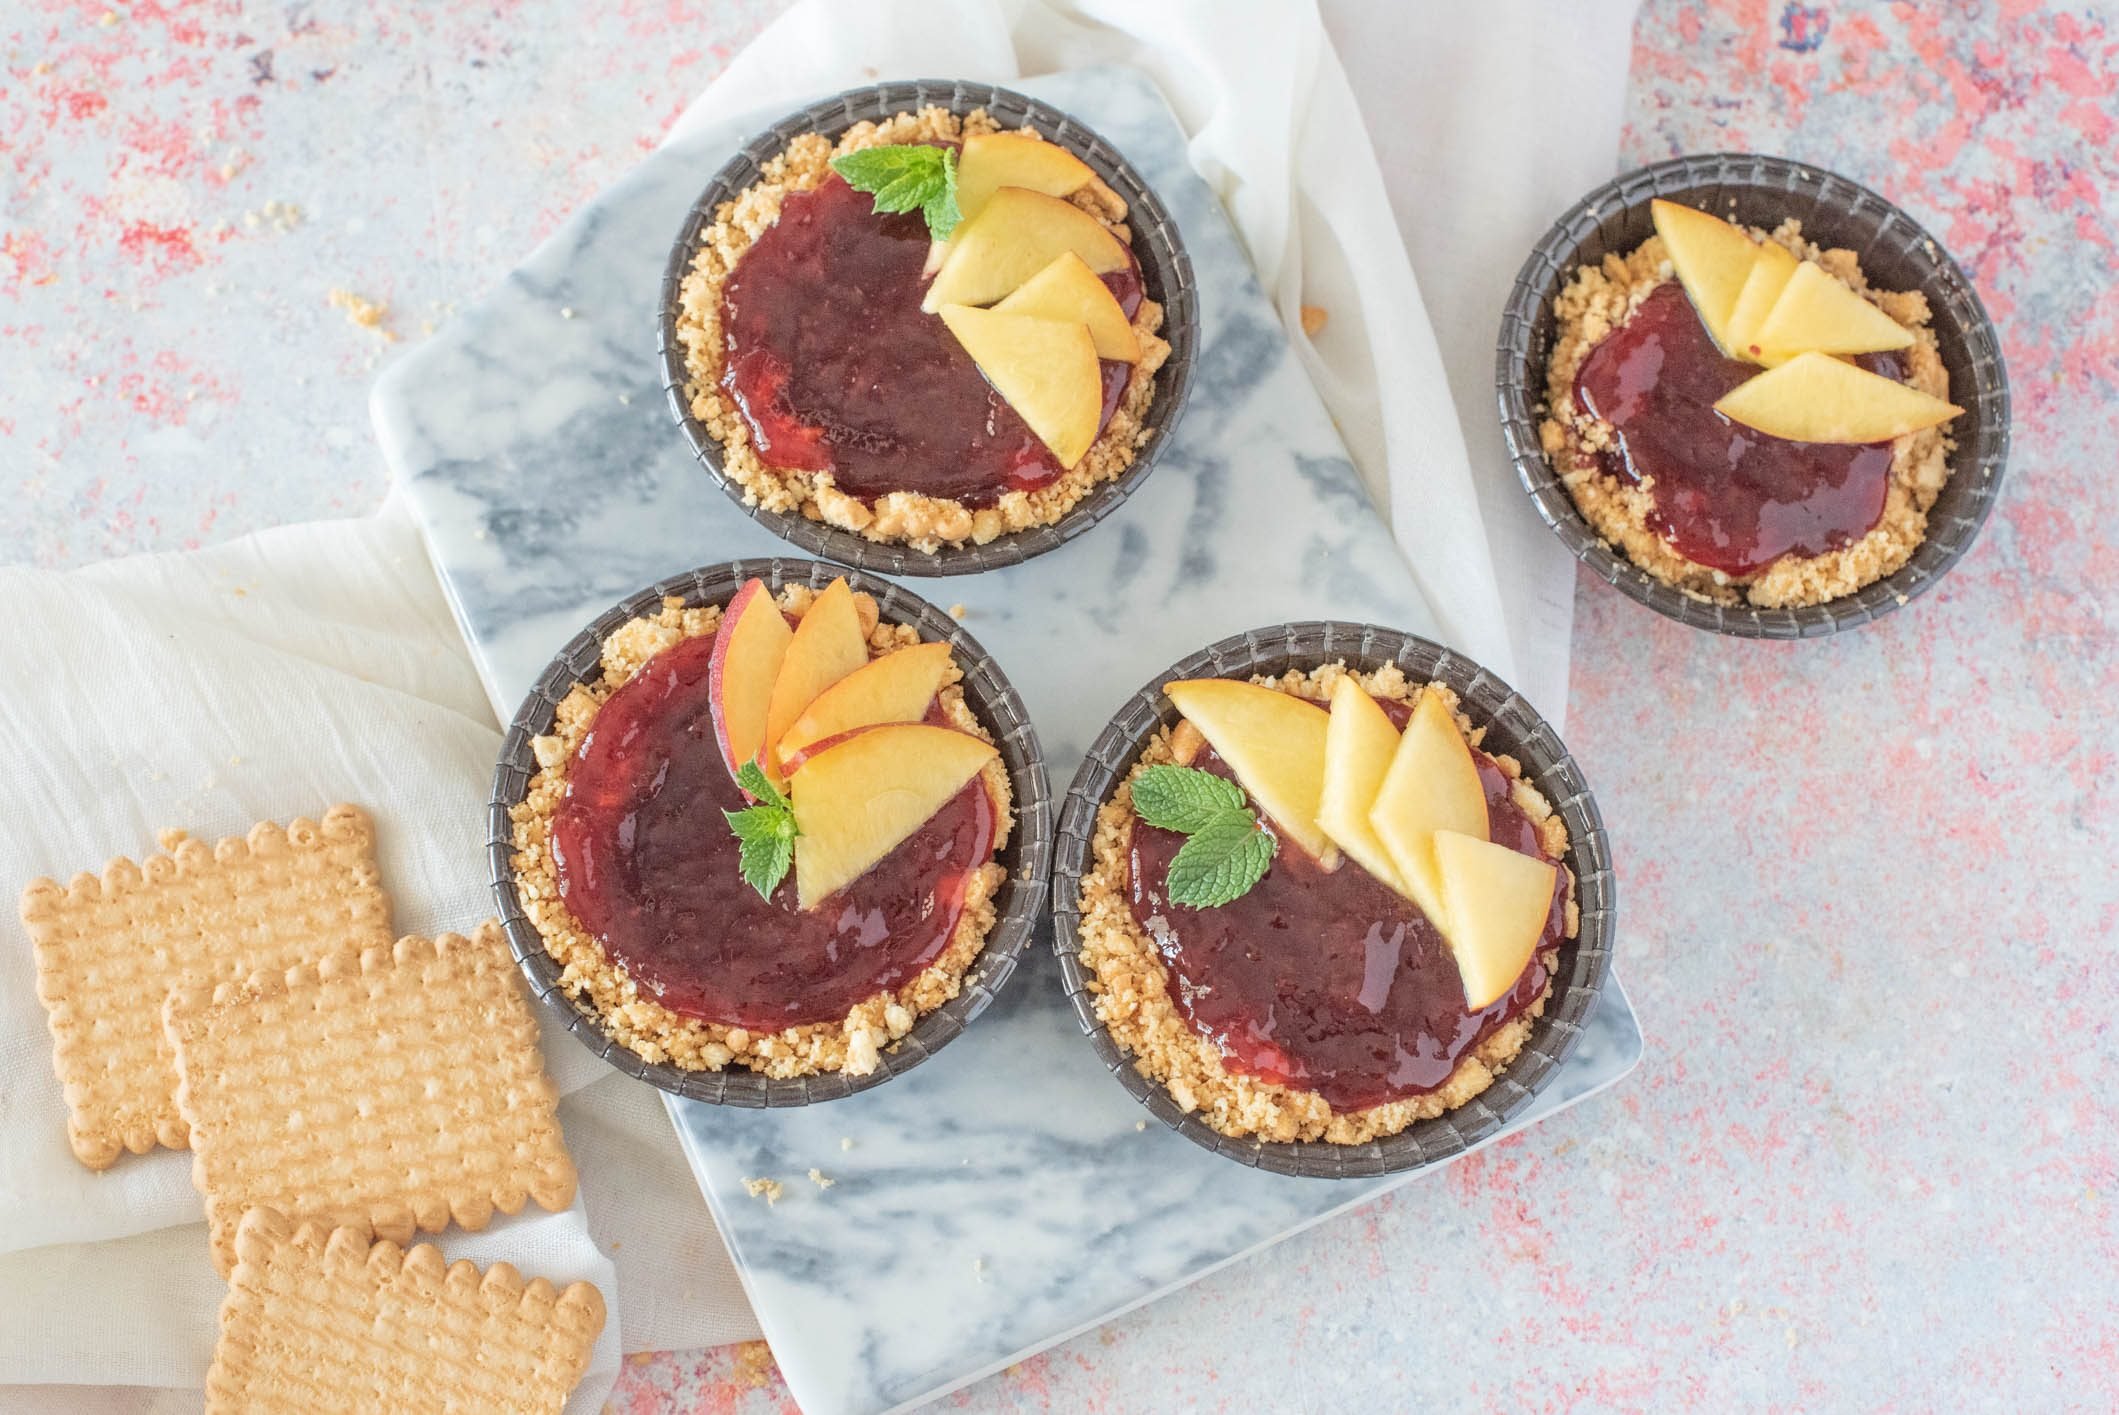 Crostatine senza cottura: la ricetta golosa e perfetta per l'estate